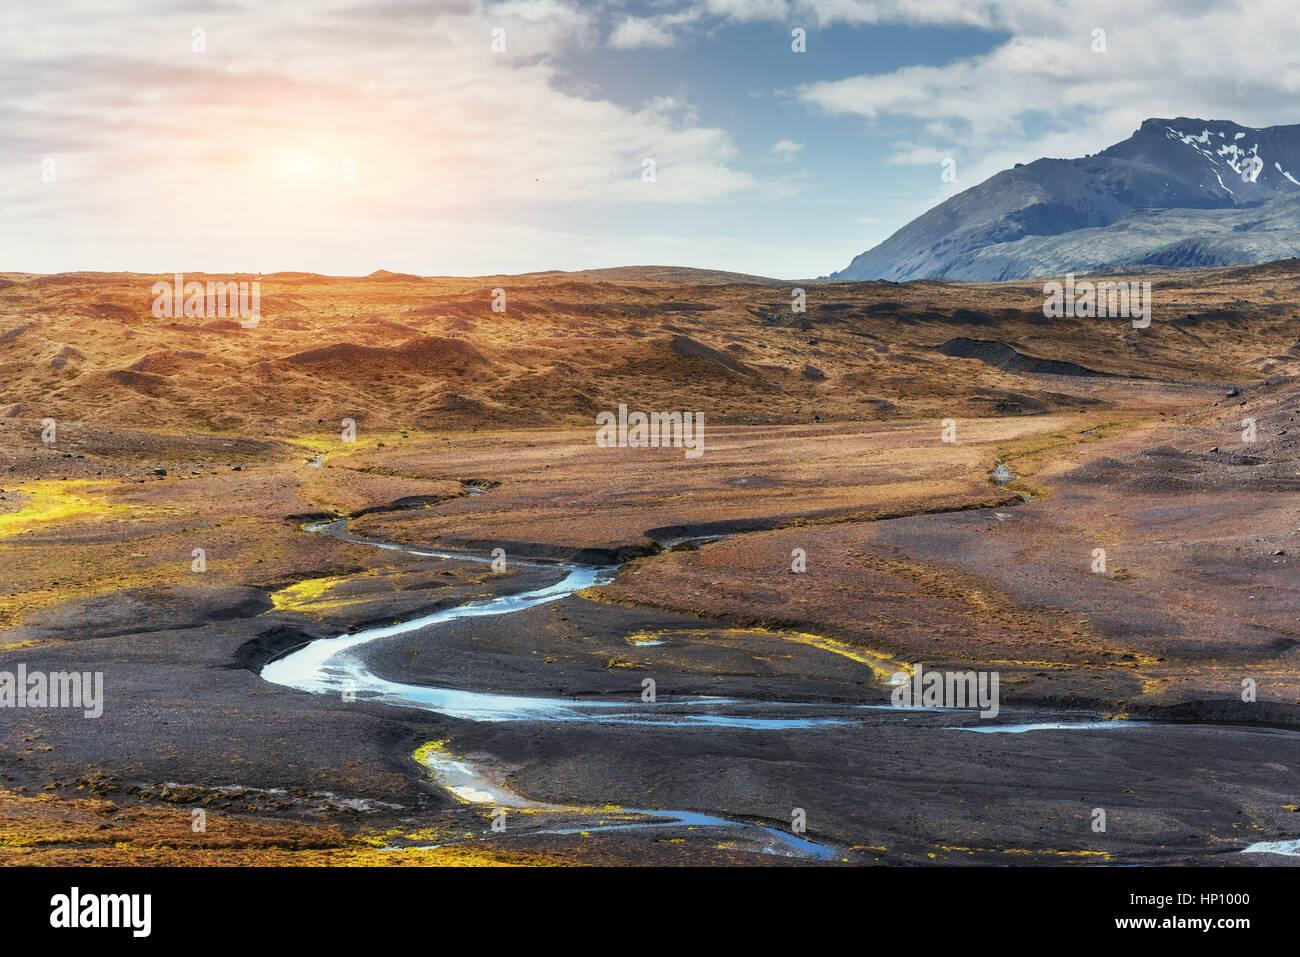 Die wunderschöne Landschaft der Berge und Flüsse in Island. Stockbild